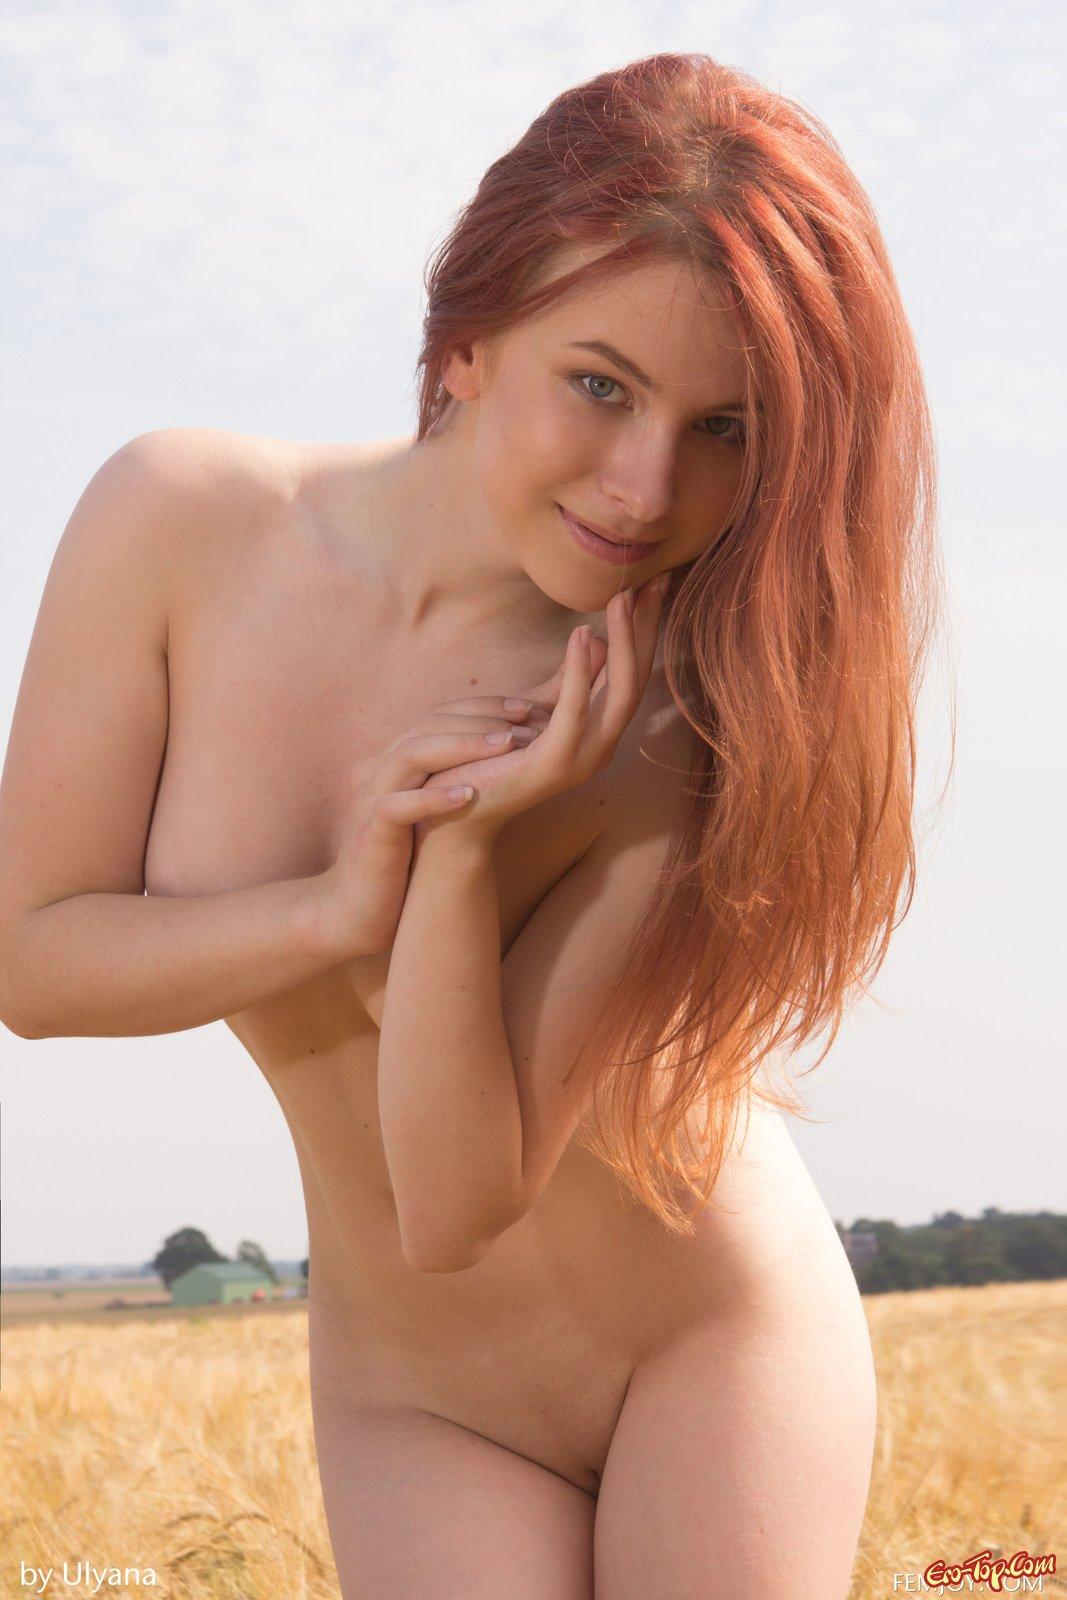 Обнаженная сучка в поле